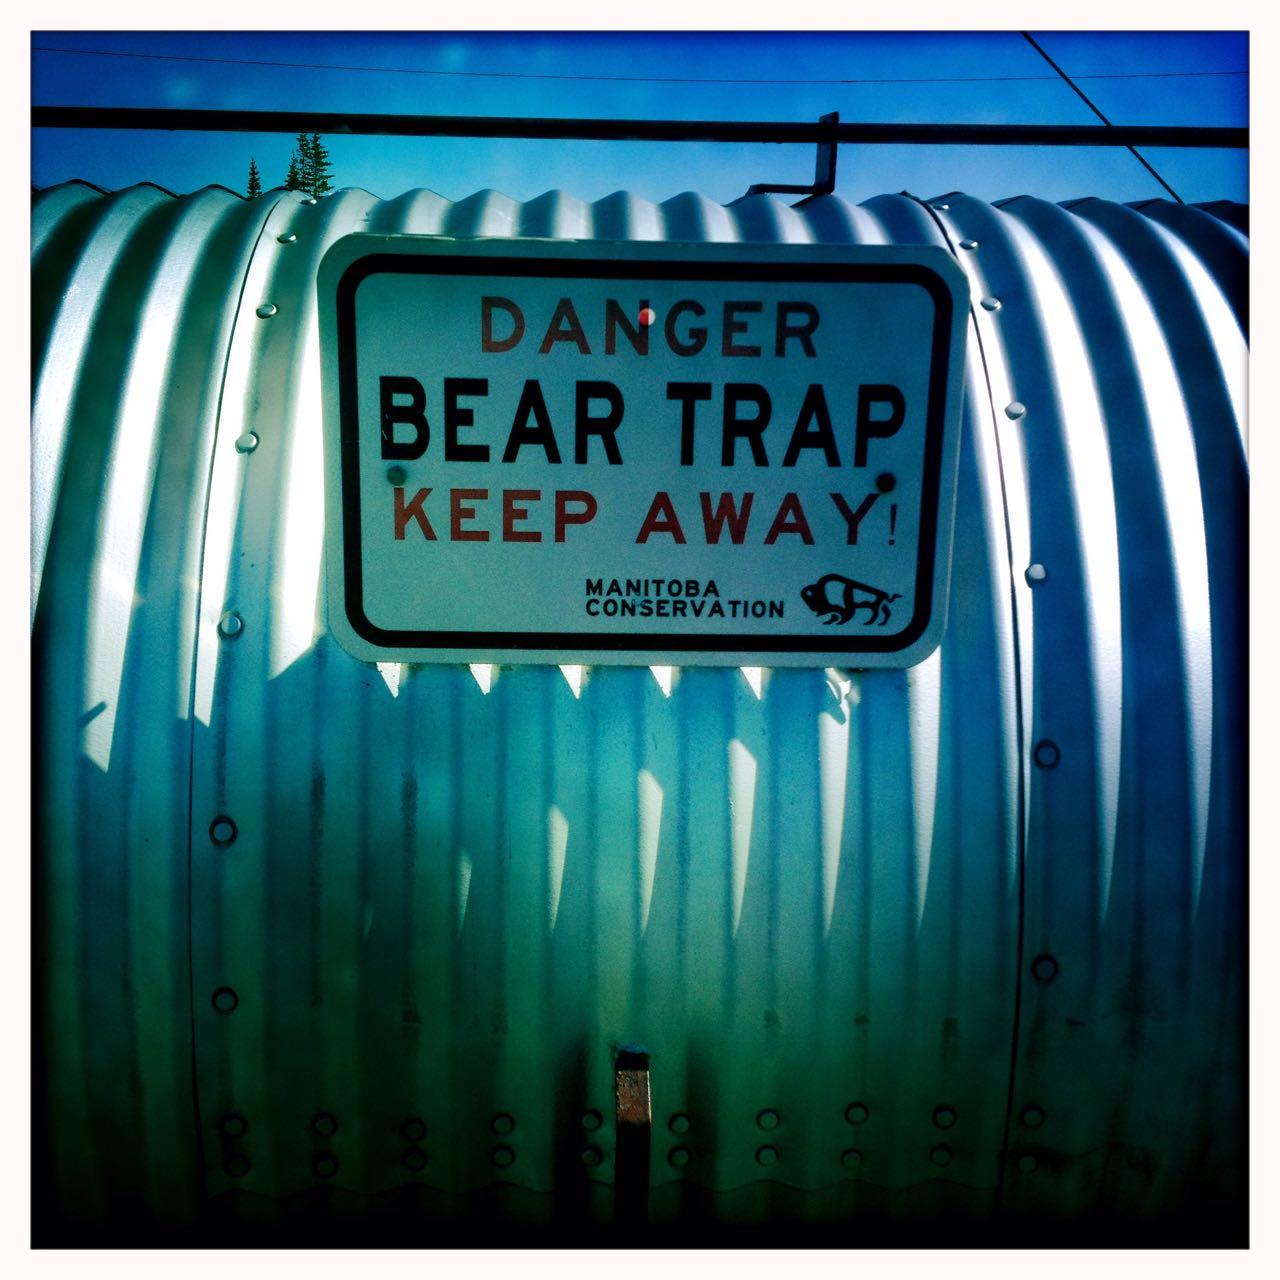 Bärenfalle.